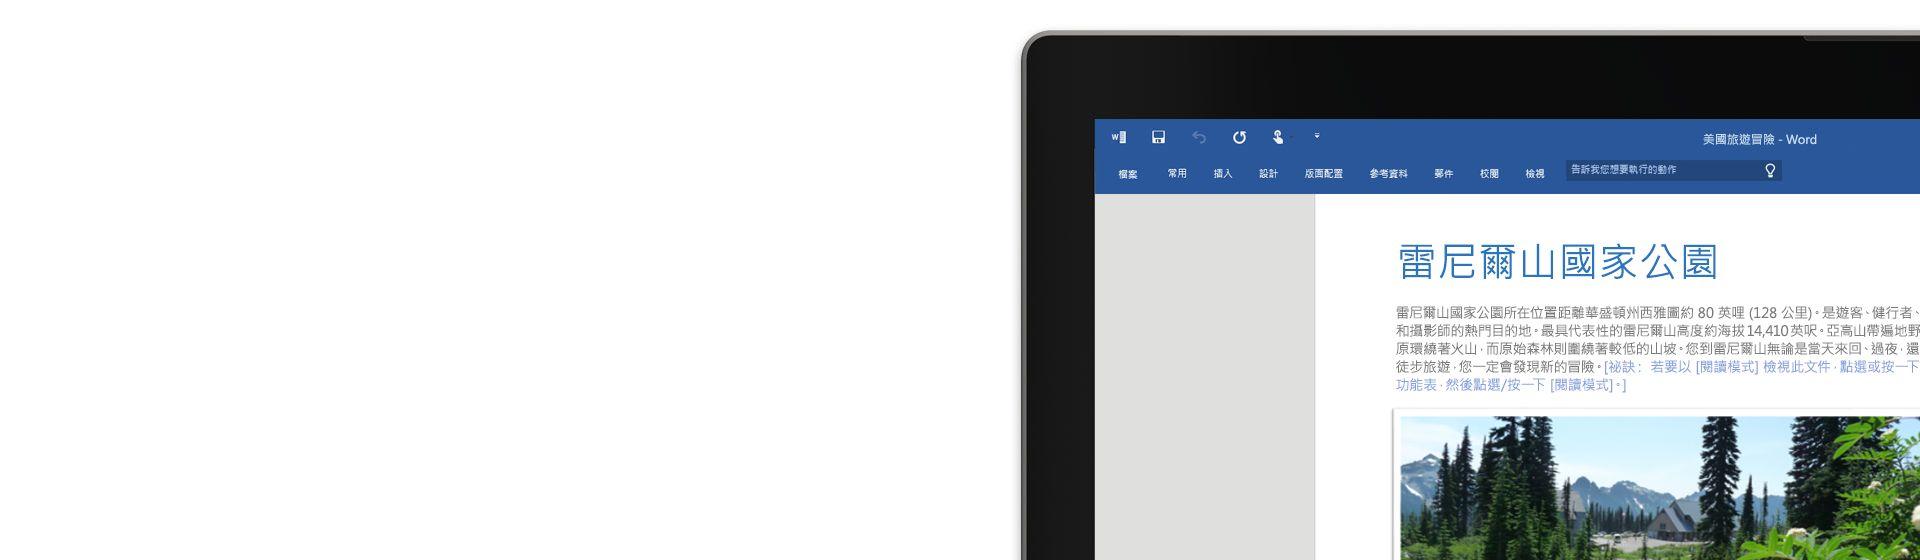 顯示有關雷尼爾山國家公園的 Word 文件的膝上型電腦螢幕一角